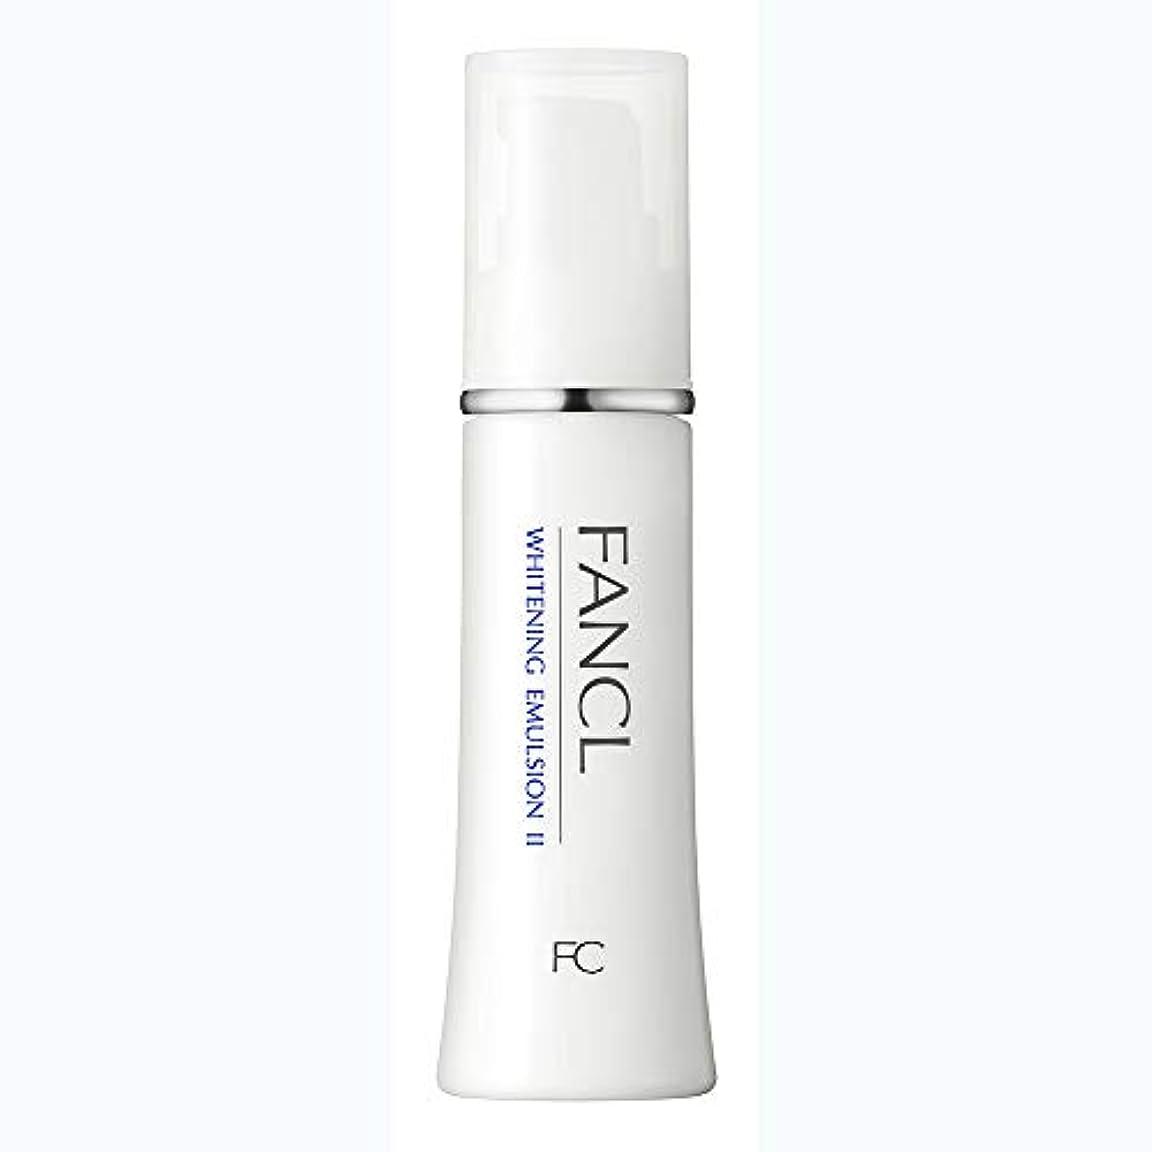 ストリップくそー悪夢ファンケル(FANCL) 新 ホワイトニング 乳液 II しっとり 1本 30mL<医薬部外品>